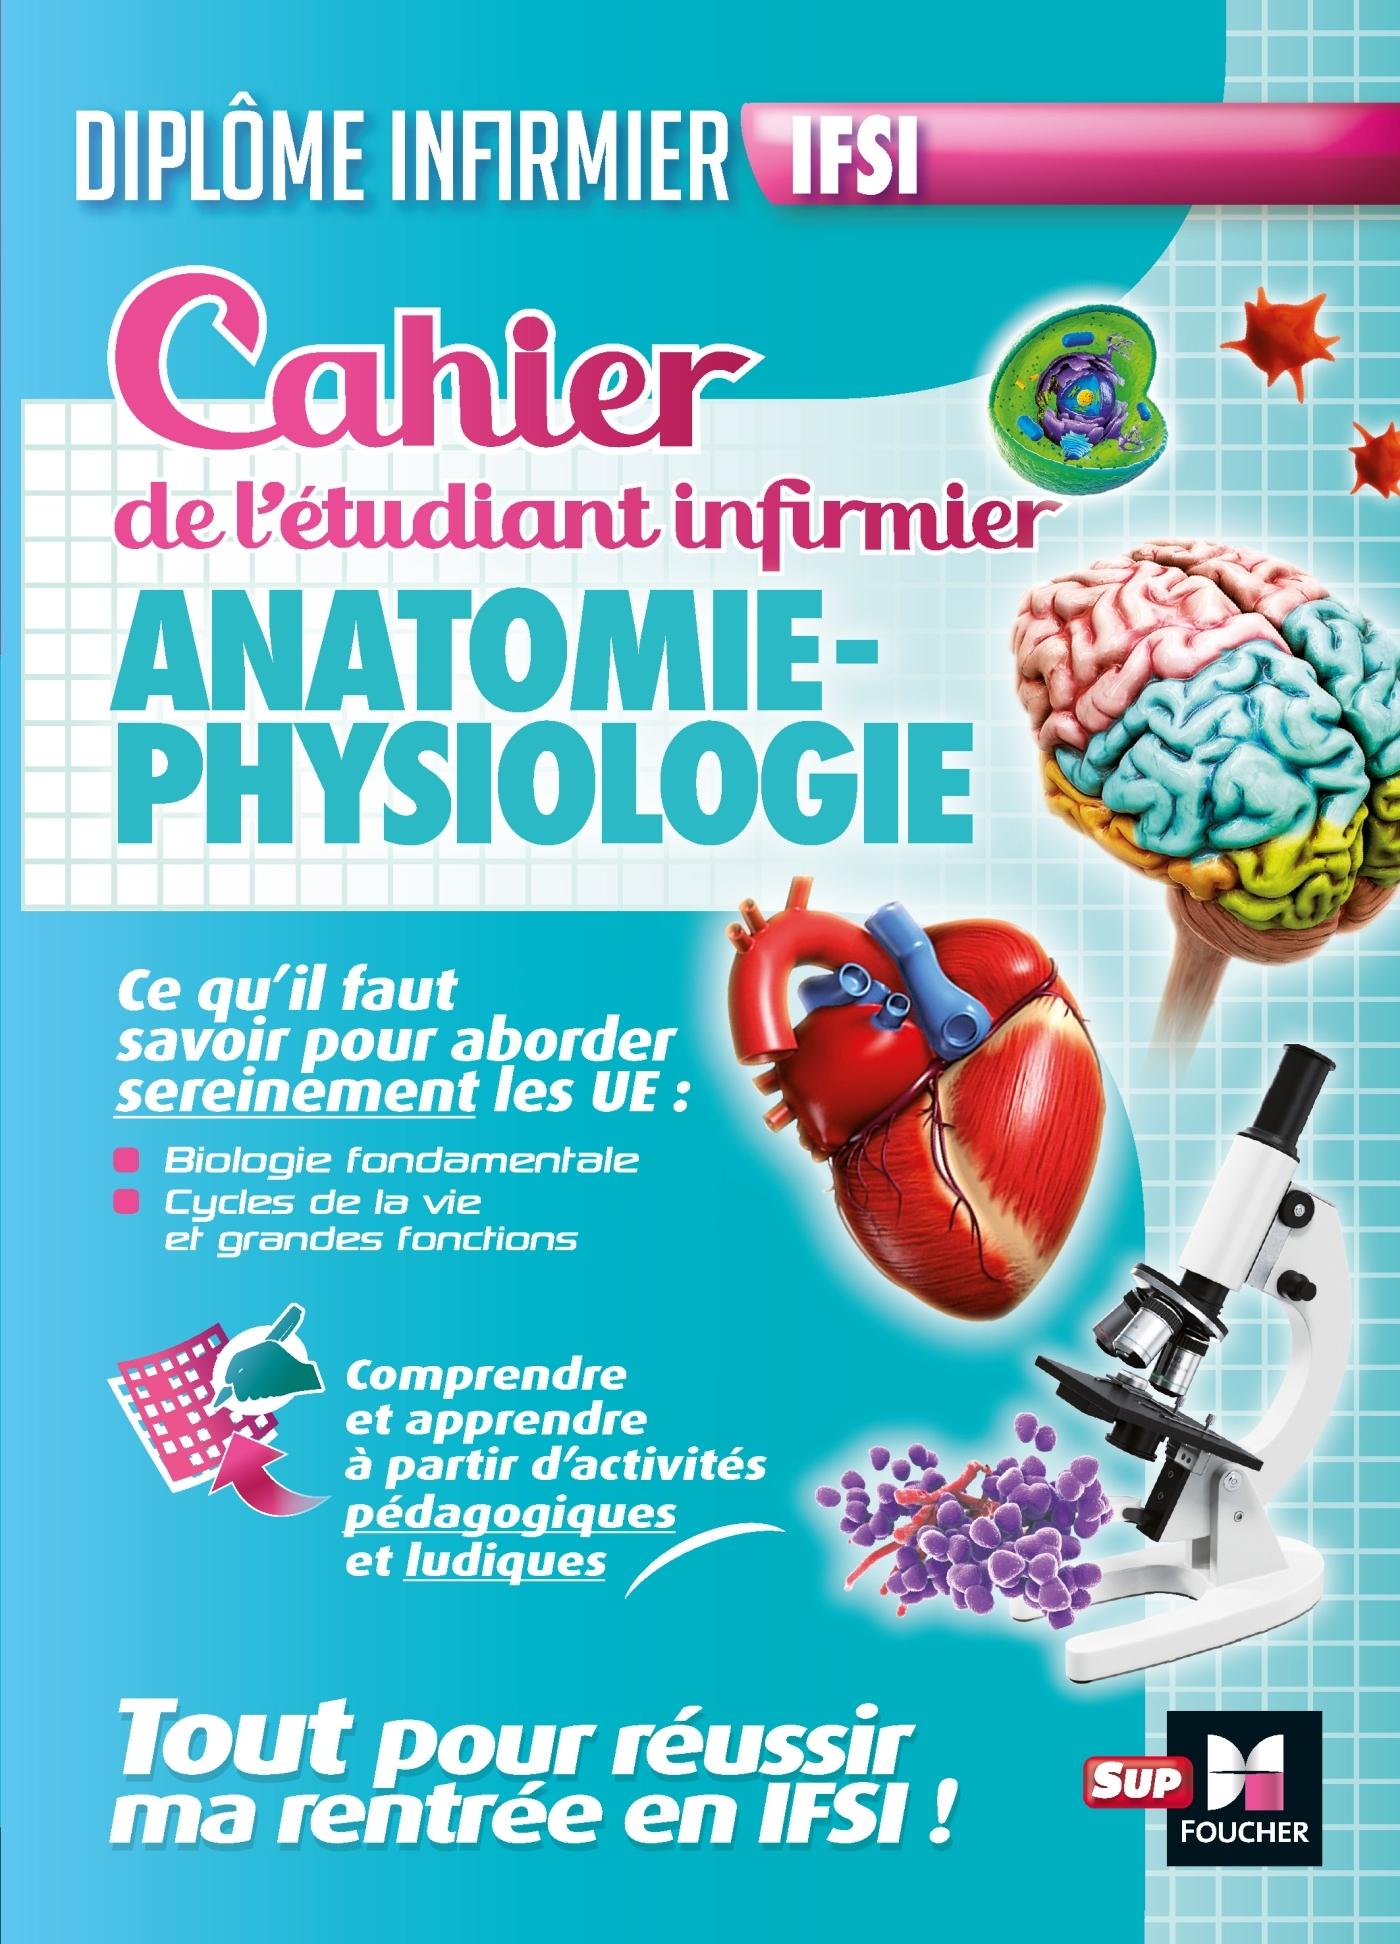 CAHIER DE L'ETUDIANT INFIRMIER - ANATOMIE - PHYSIOLOGIE - DEI